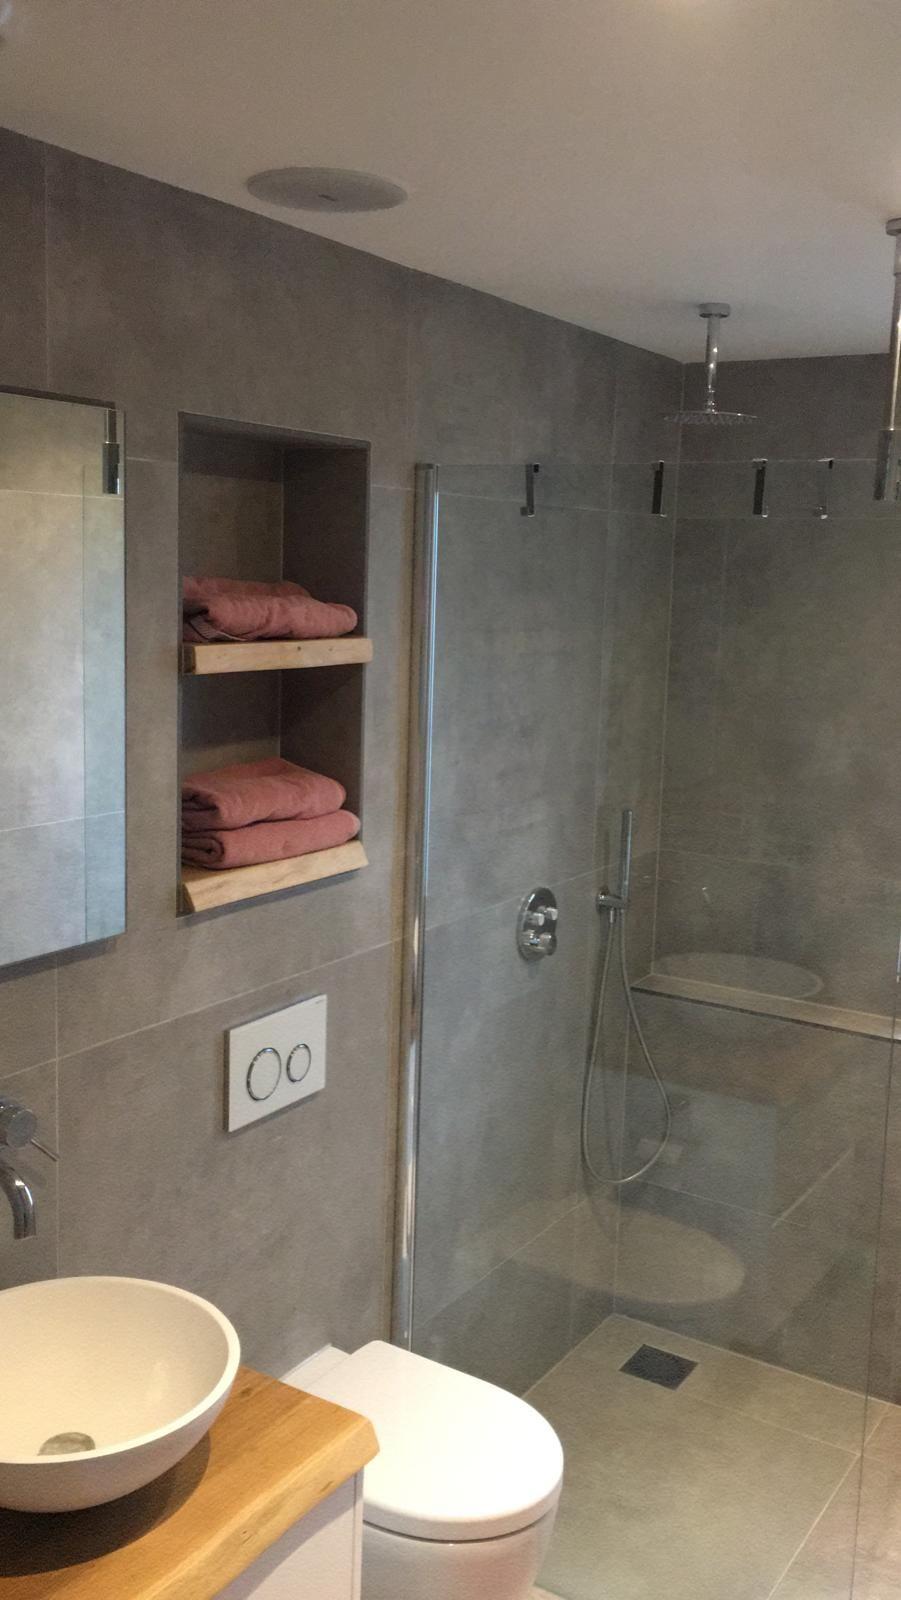 Vloertegel 80x80 Cm Ariel Gris Nr 12 Vloertegels Grijze Vloertegels Badkamer Vloertegels